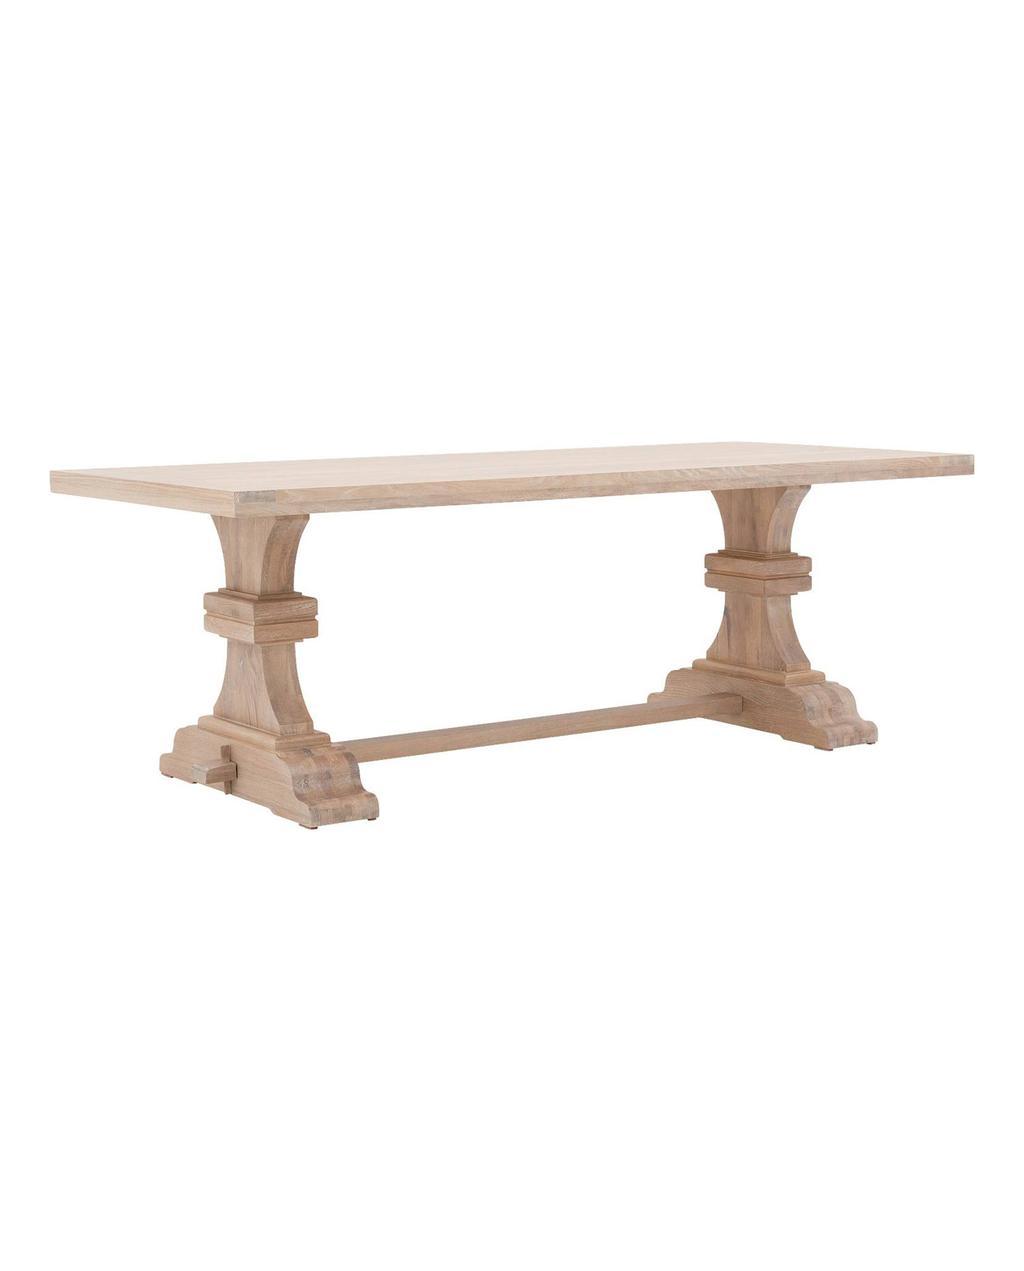 Eettafel van hout met klassiek design